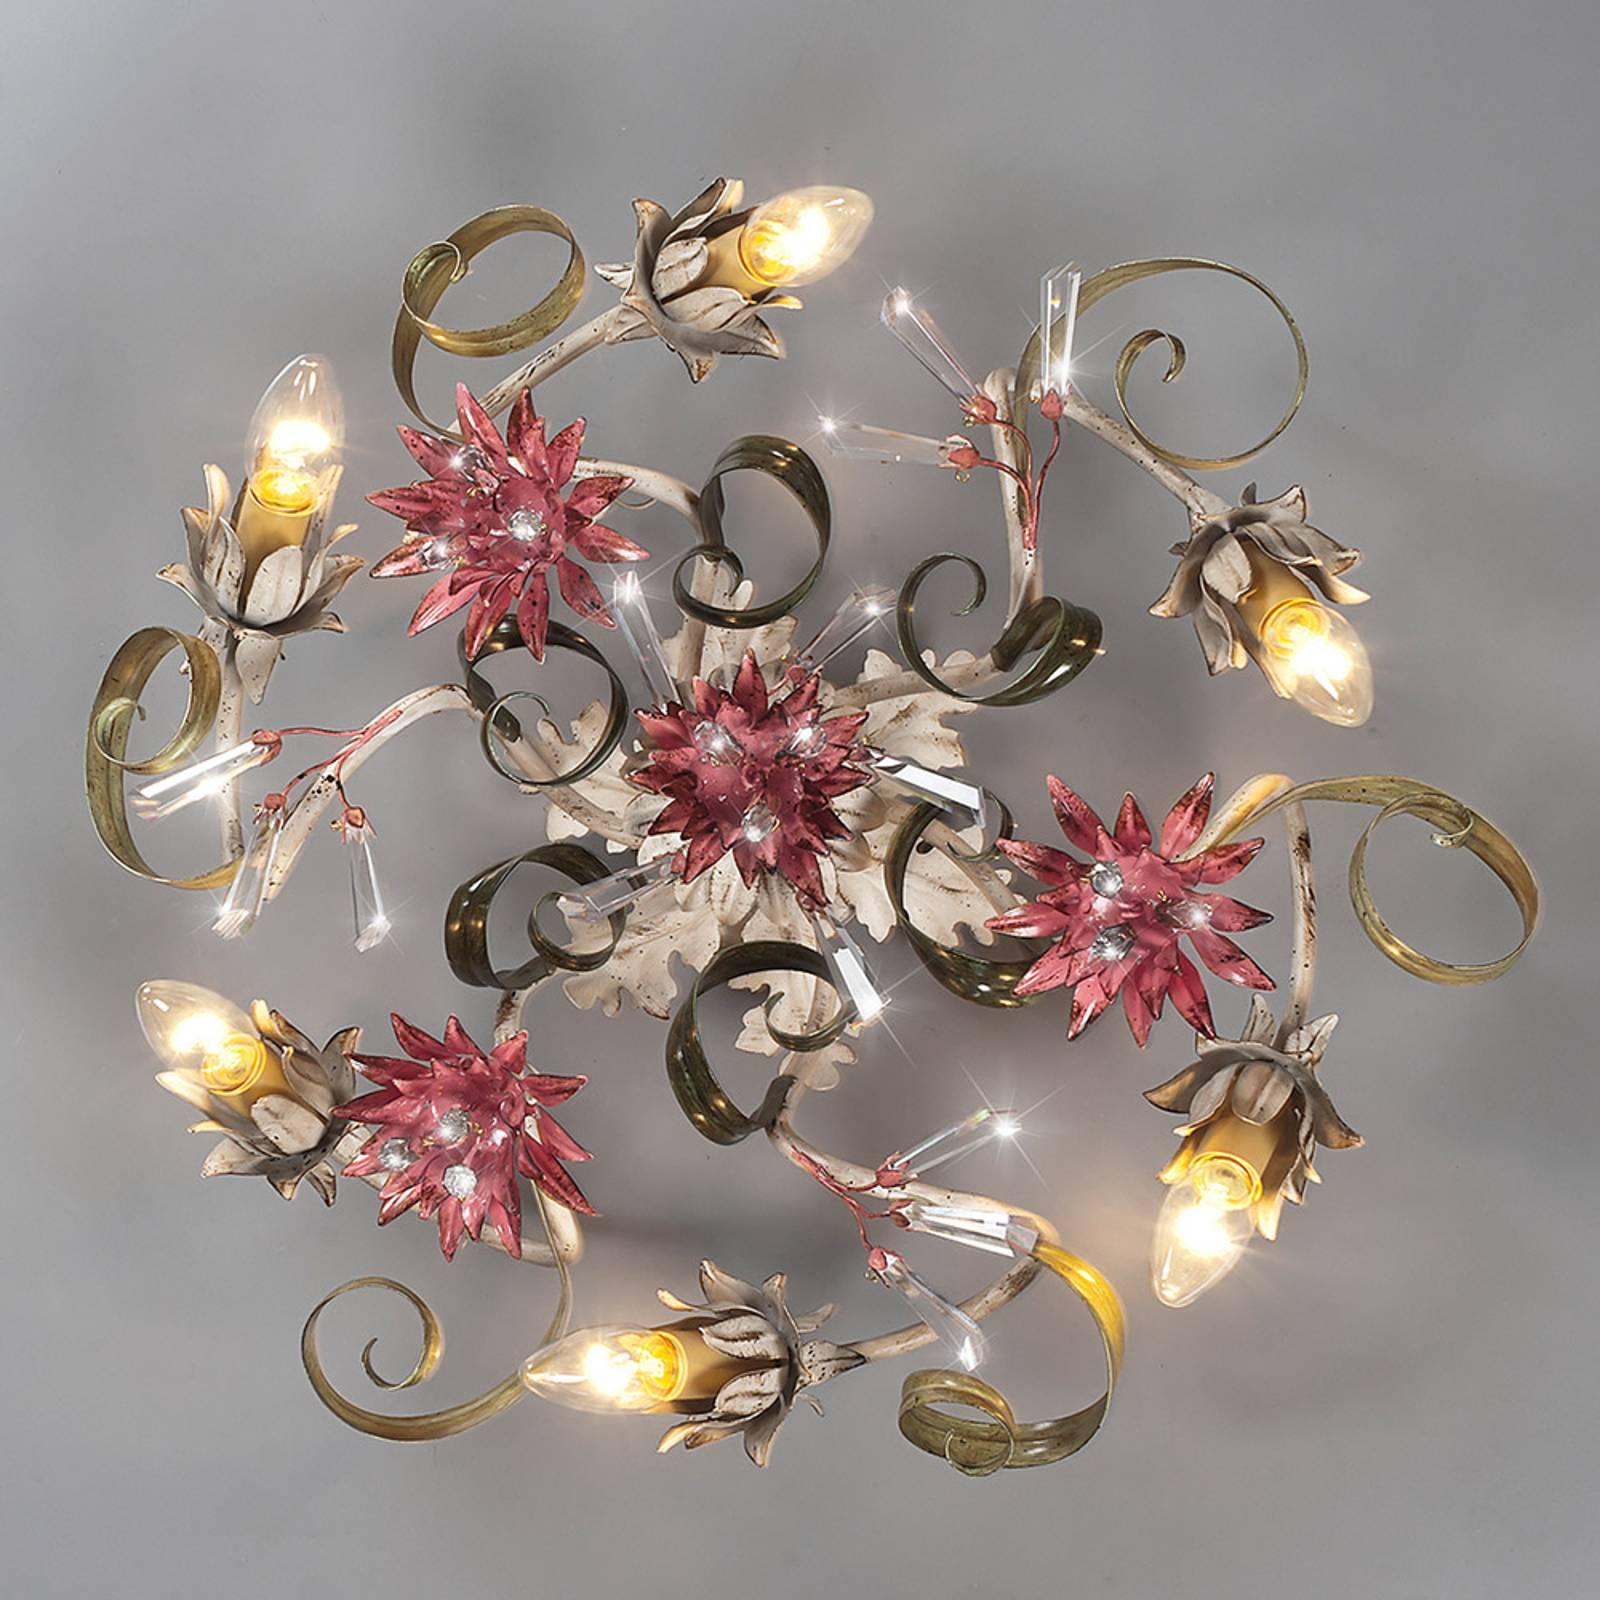 Lampa sufitowa DAILA w stylu florentyńskim